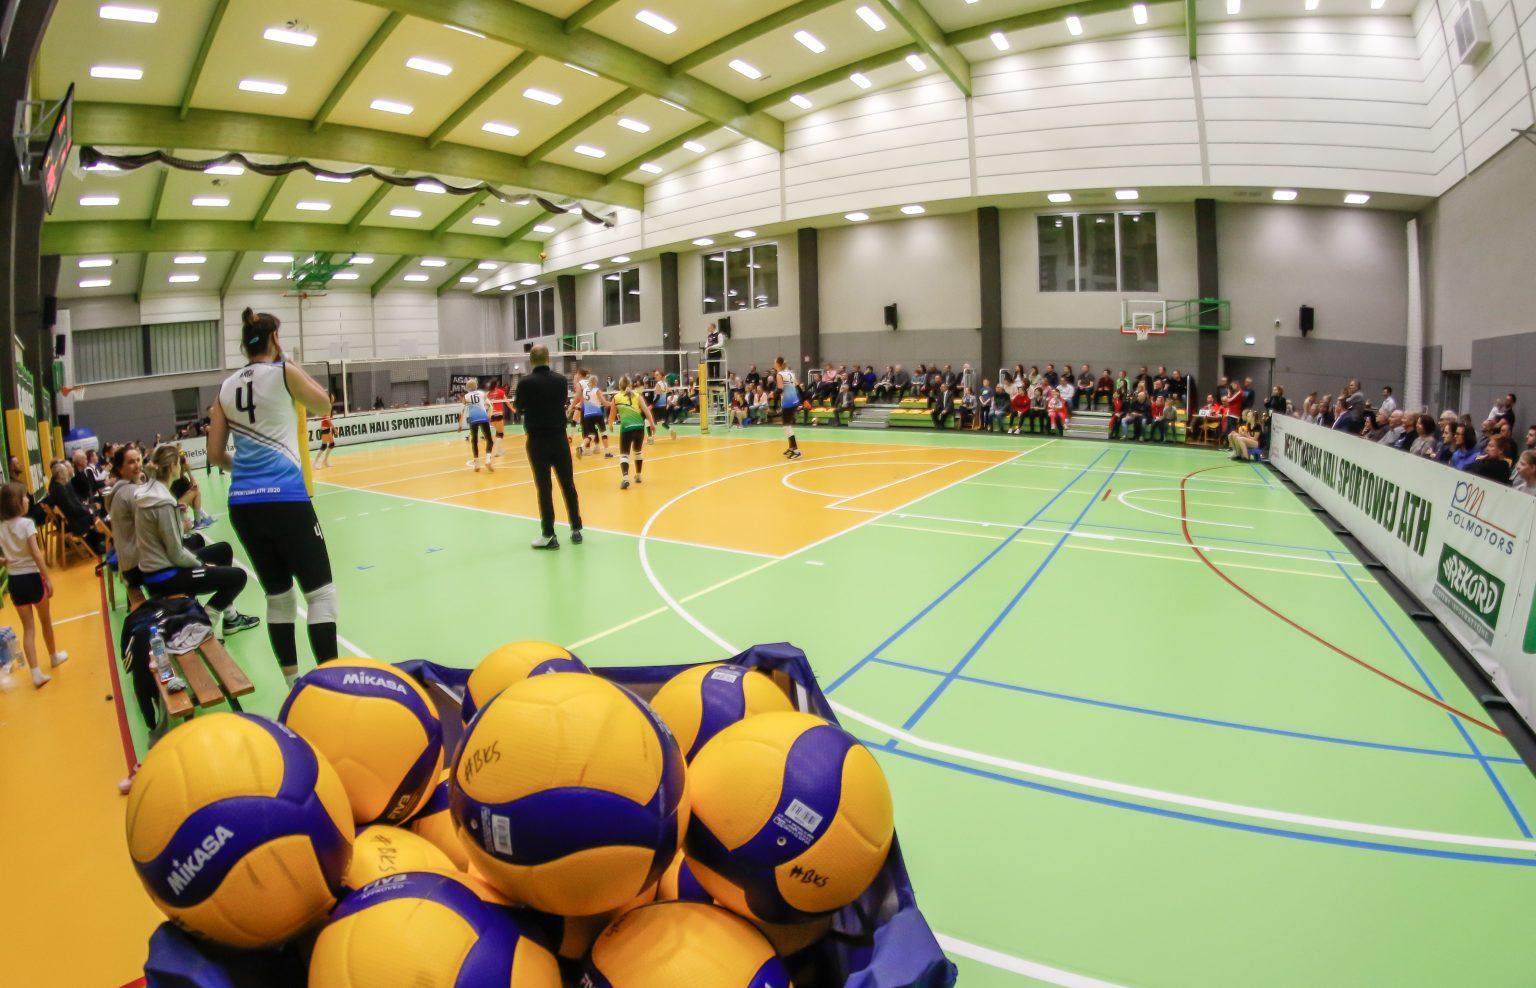 Nowoczesna hala sportowa otwarta w Bielsku-Białej